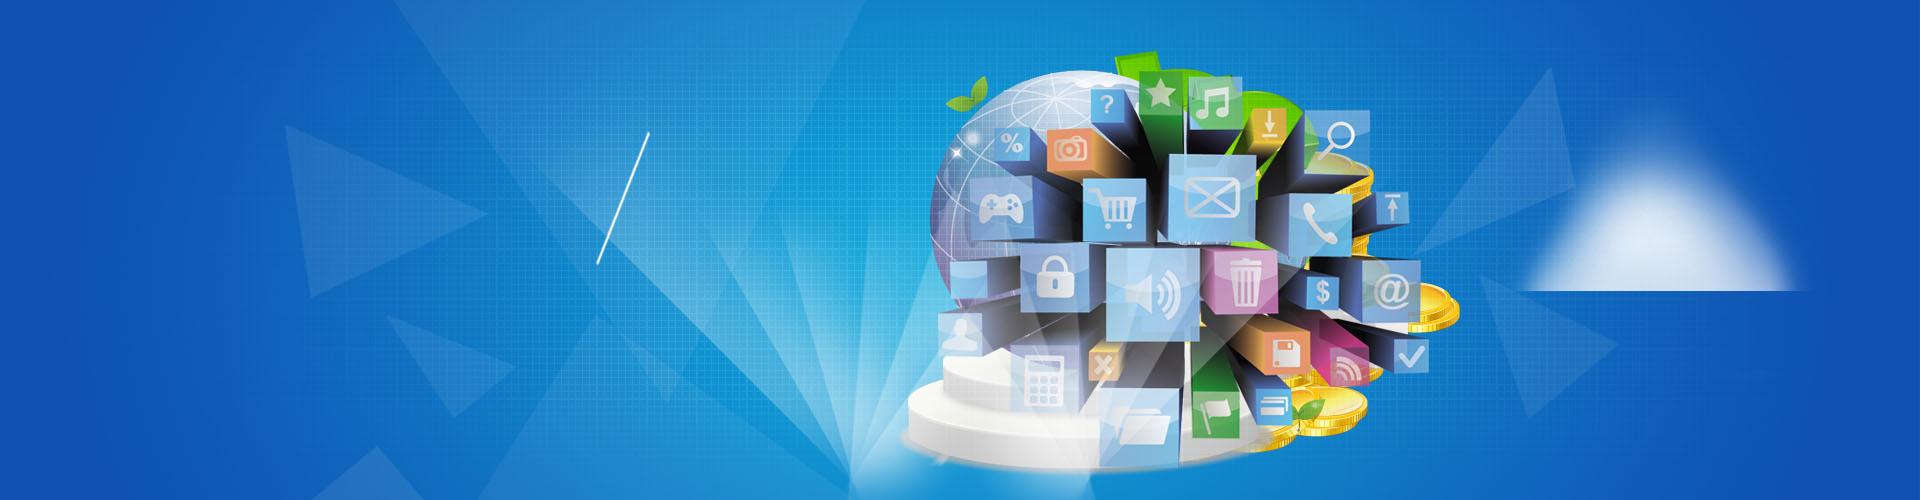 微航文化网-瑞银信代理-瑞联盟总部运营中心-全国招募中心-瑞联盟代理官网